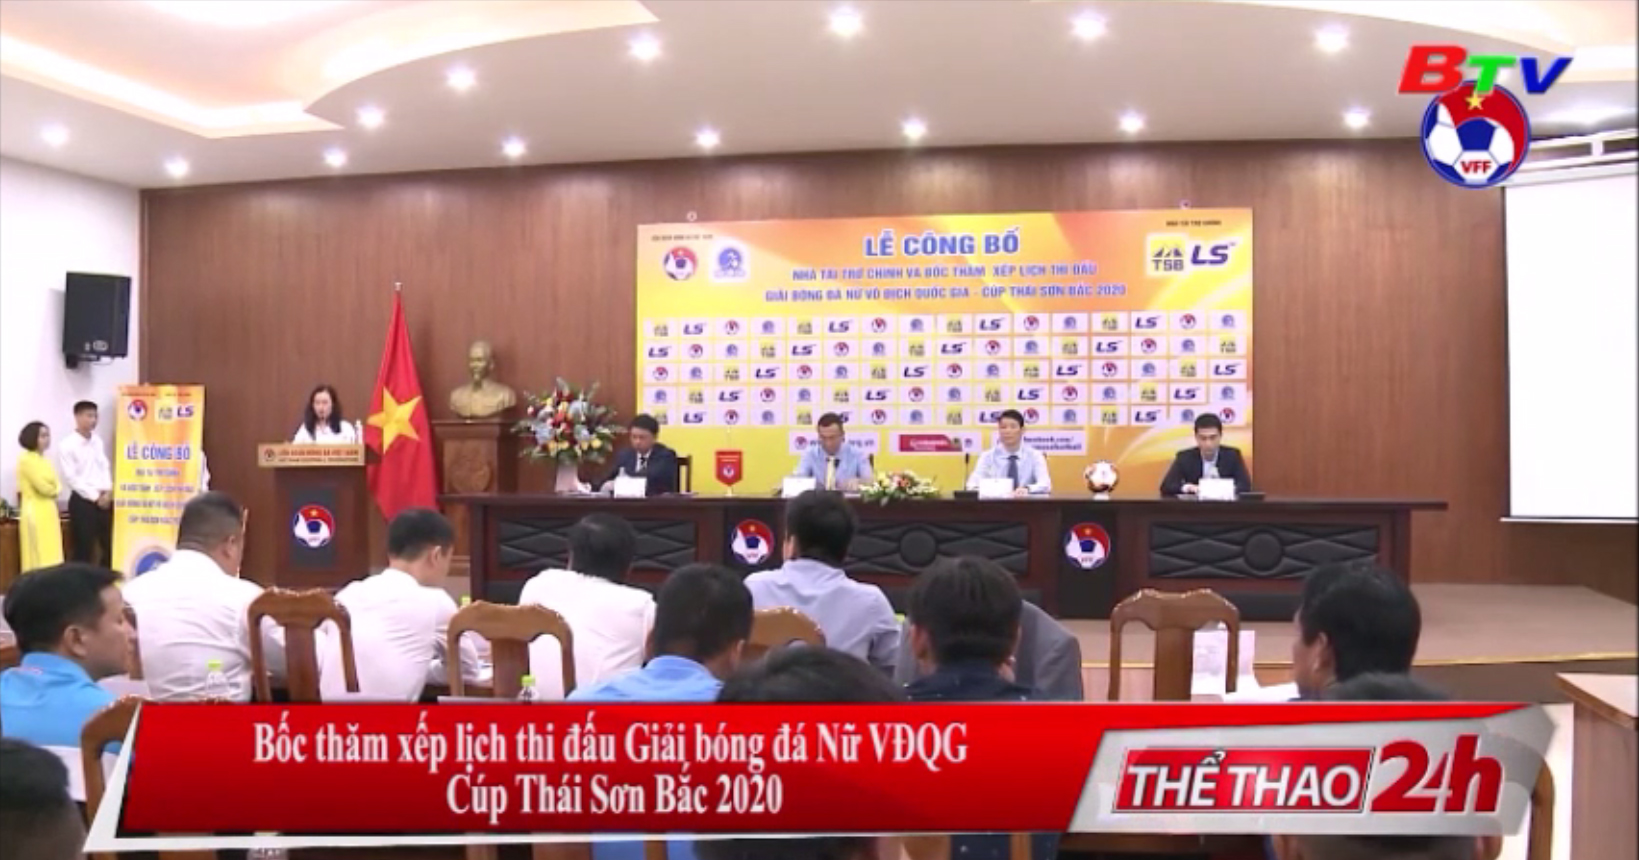 Bốc thăm xếp lịch thi đấu Giải bóng đá nữ VĐQG Cúp Thái Sơn Bắc 2020